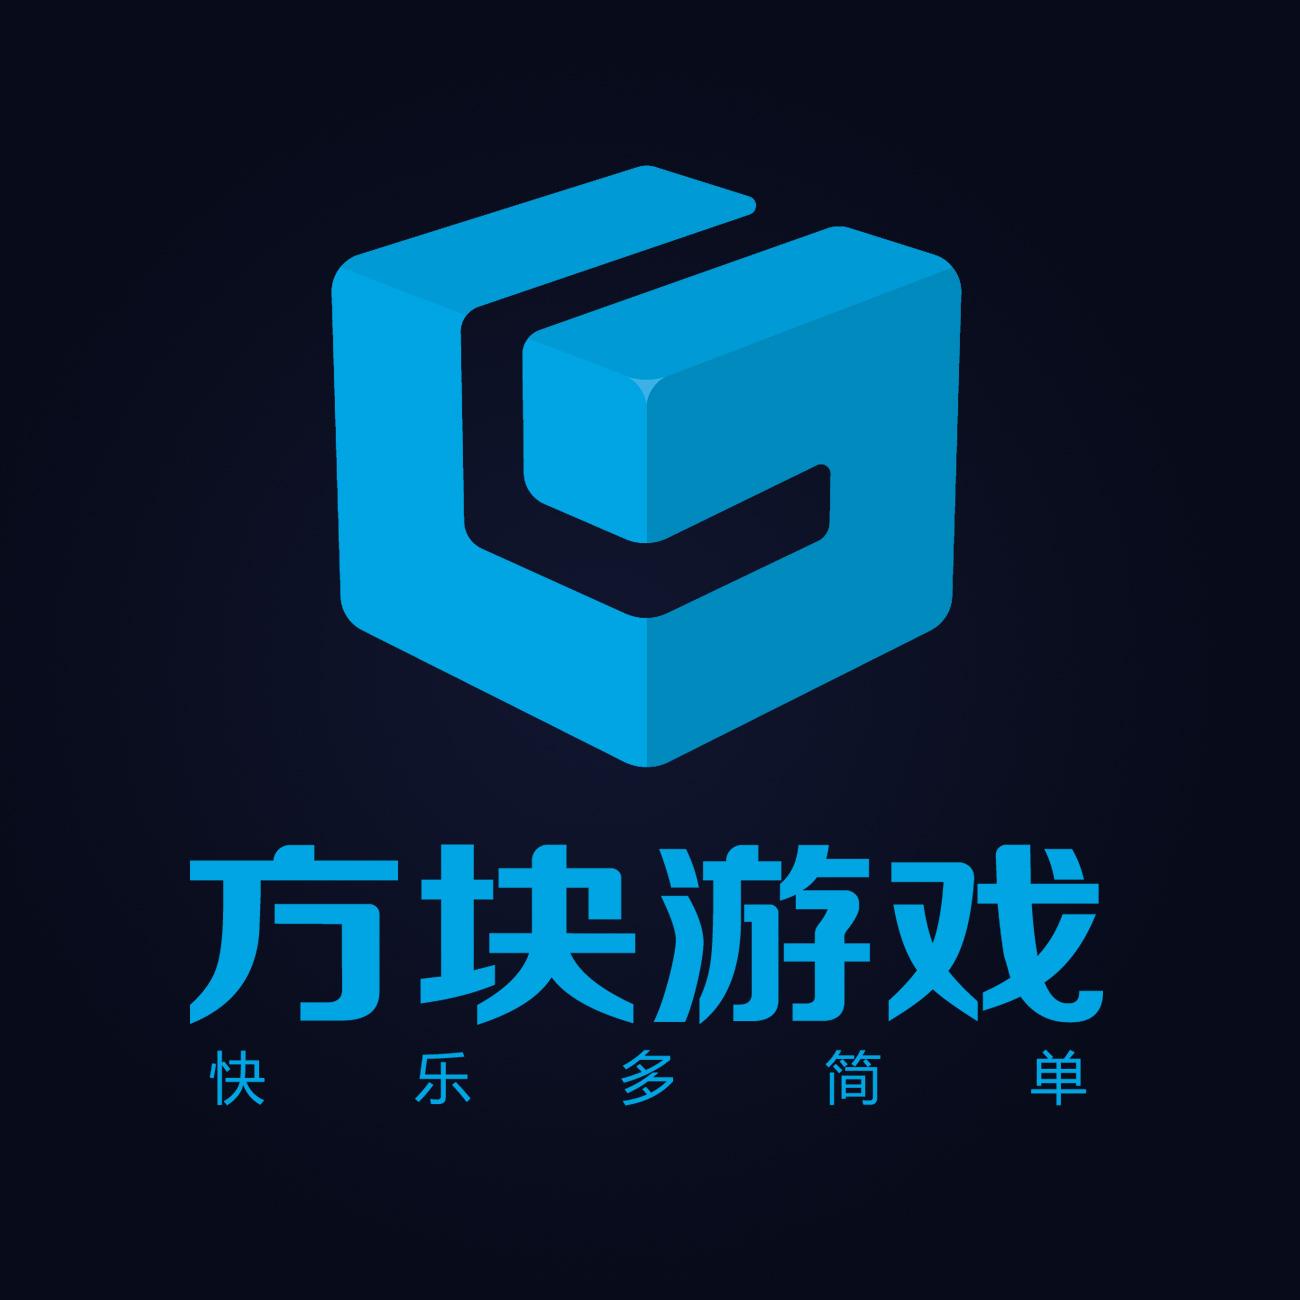 方块游戏平台官方账号